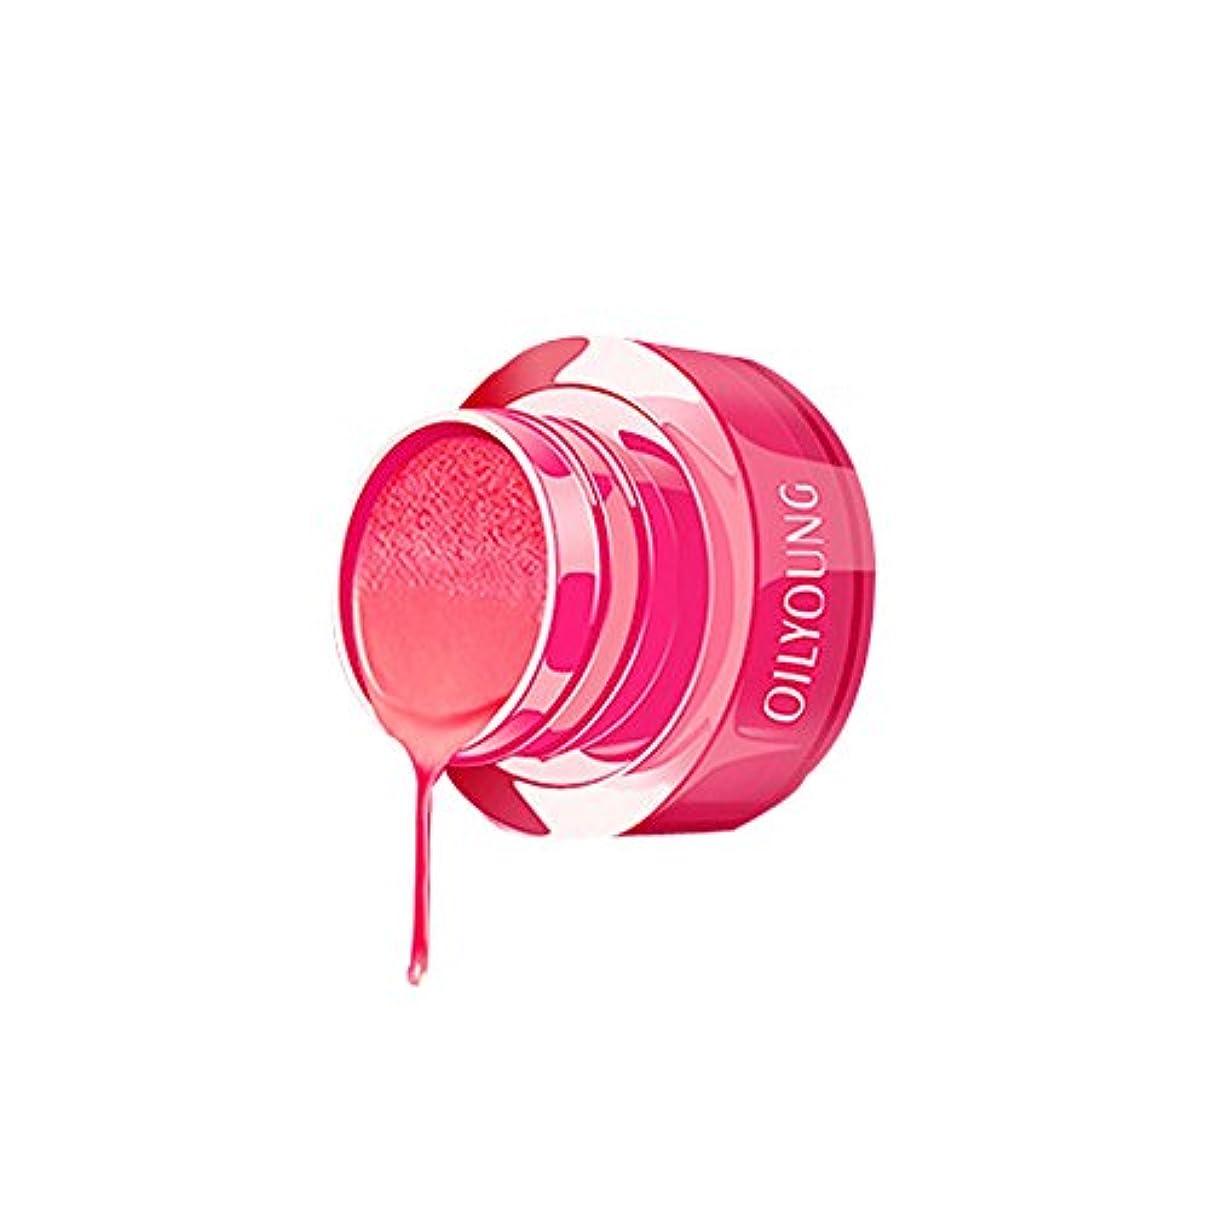 レンダリング顕著裕福なリップスティック 3グラム エアクッション口紅 ノーブル リップクリーム グラデーション 保湿 リップバーム リップグロス 化粧品 液体 水和 ツヤツヤな潤い肌の色を見せるルージュhuajuan